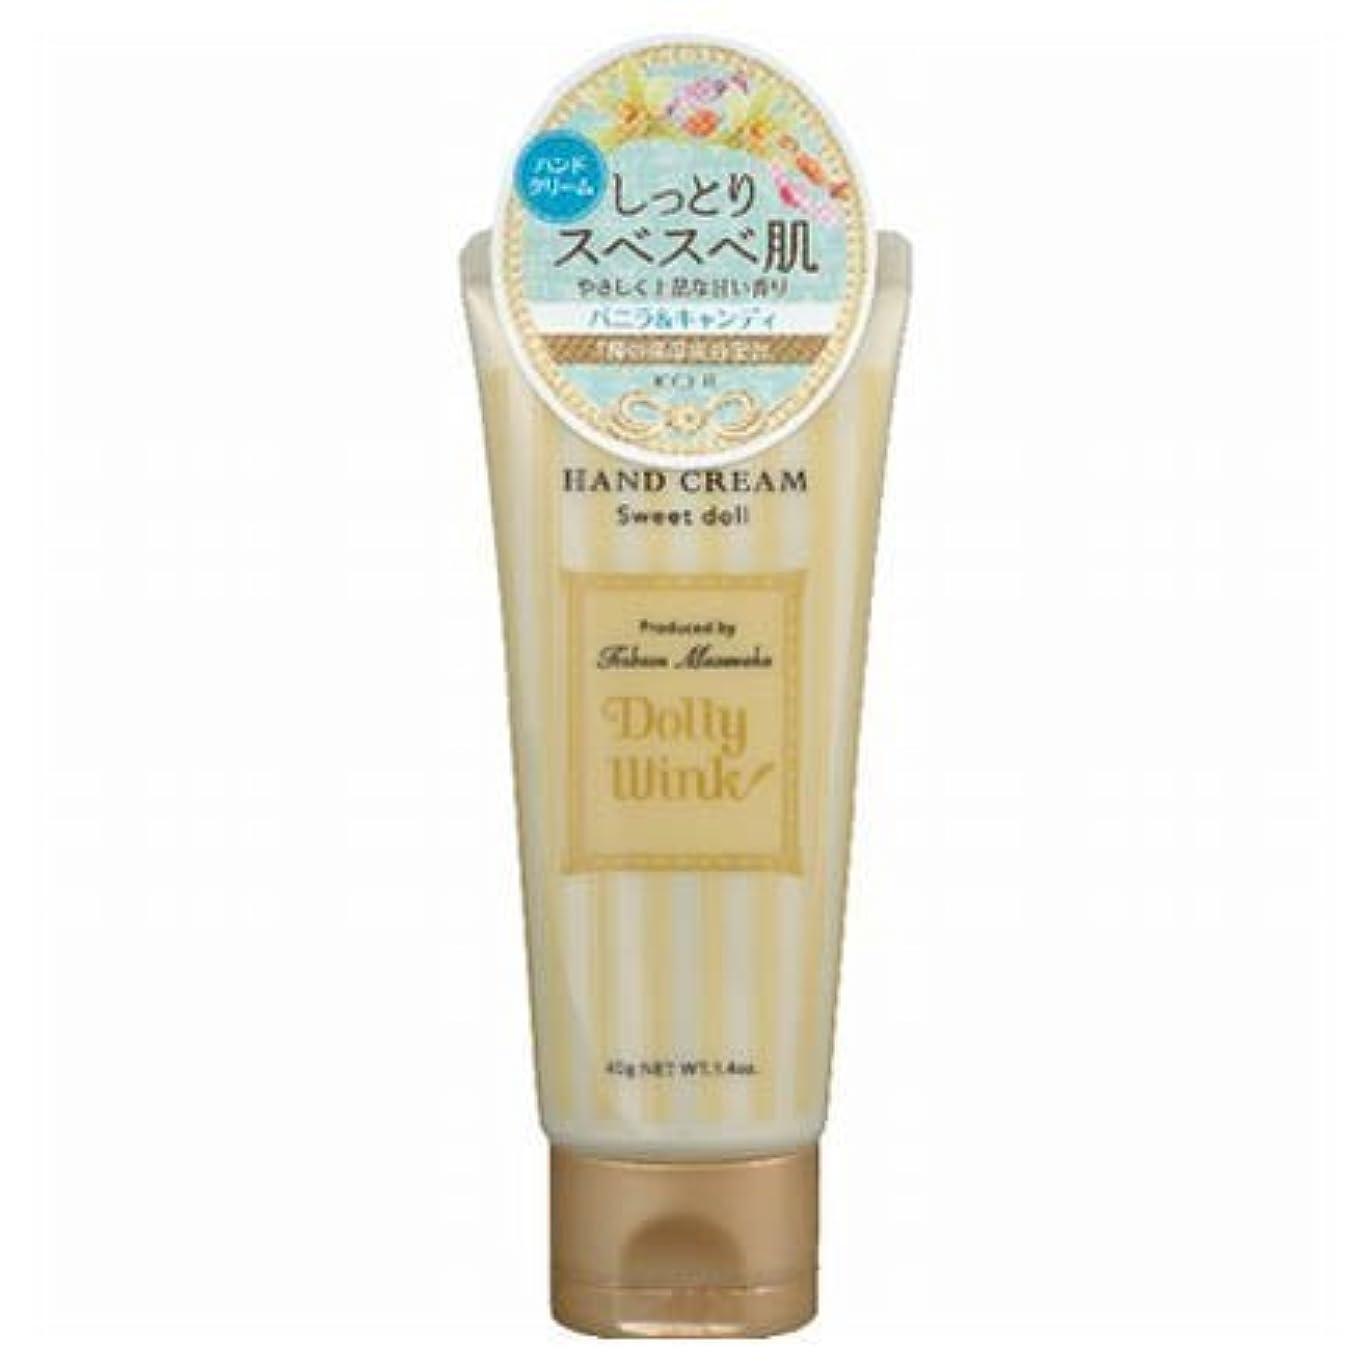 フクロウに対してスチールドーリーウインク ハンドクリーム スイートドール バニラ&キャンディの香り 40g